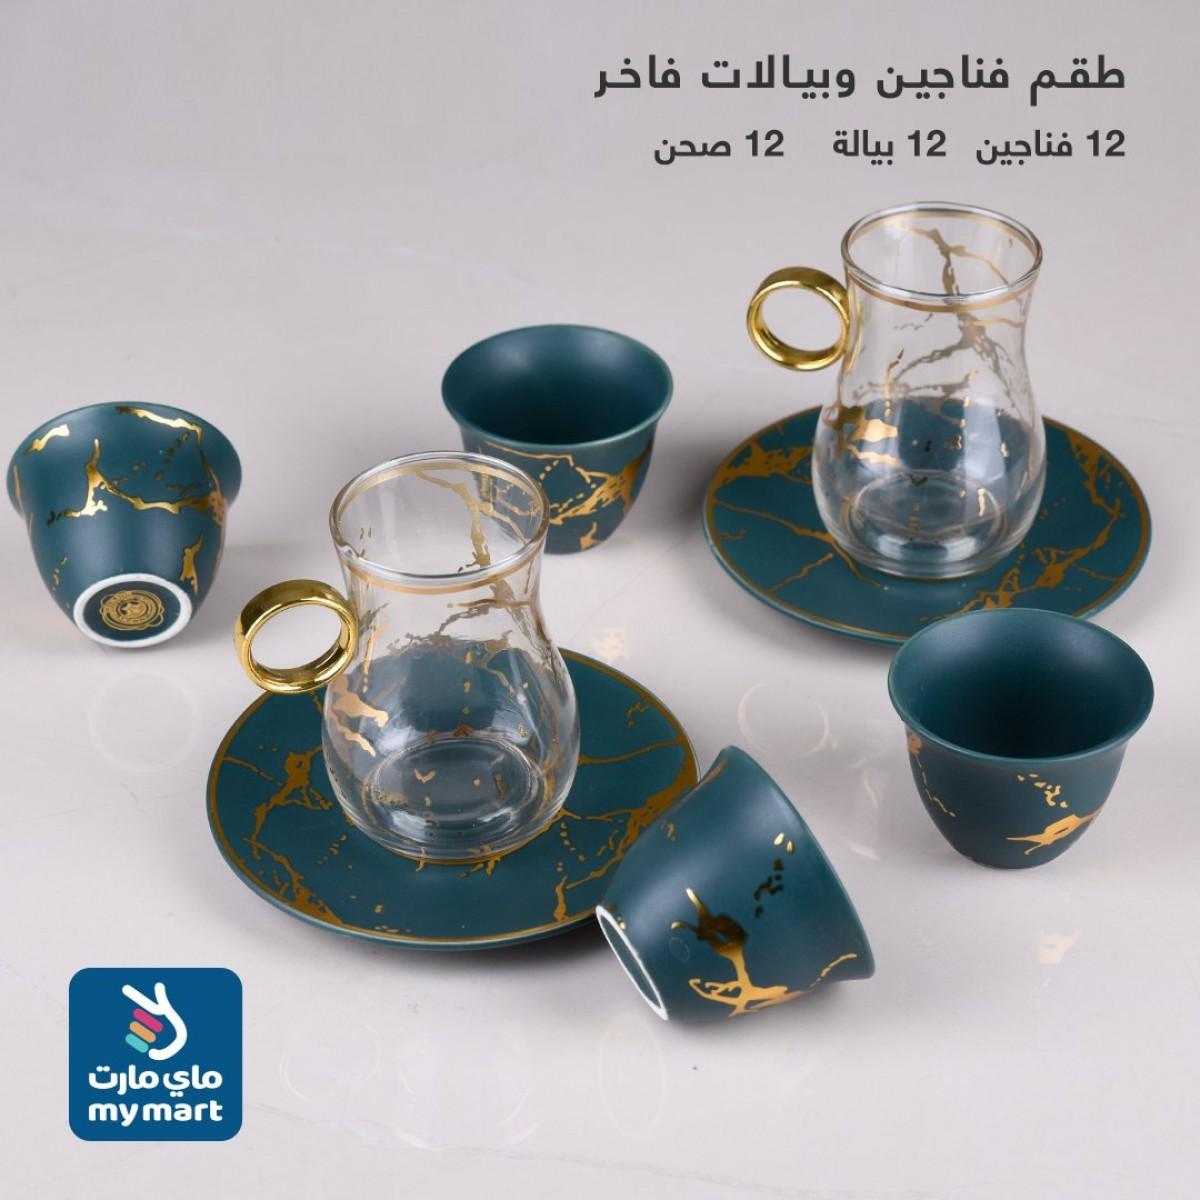 طقم فناجين قهوة وبيالات شاي مع الصحون - 36 قطعة